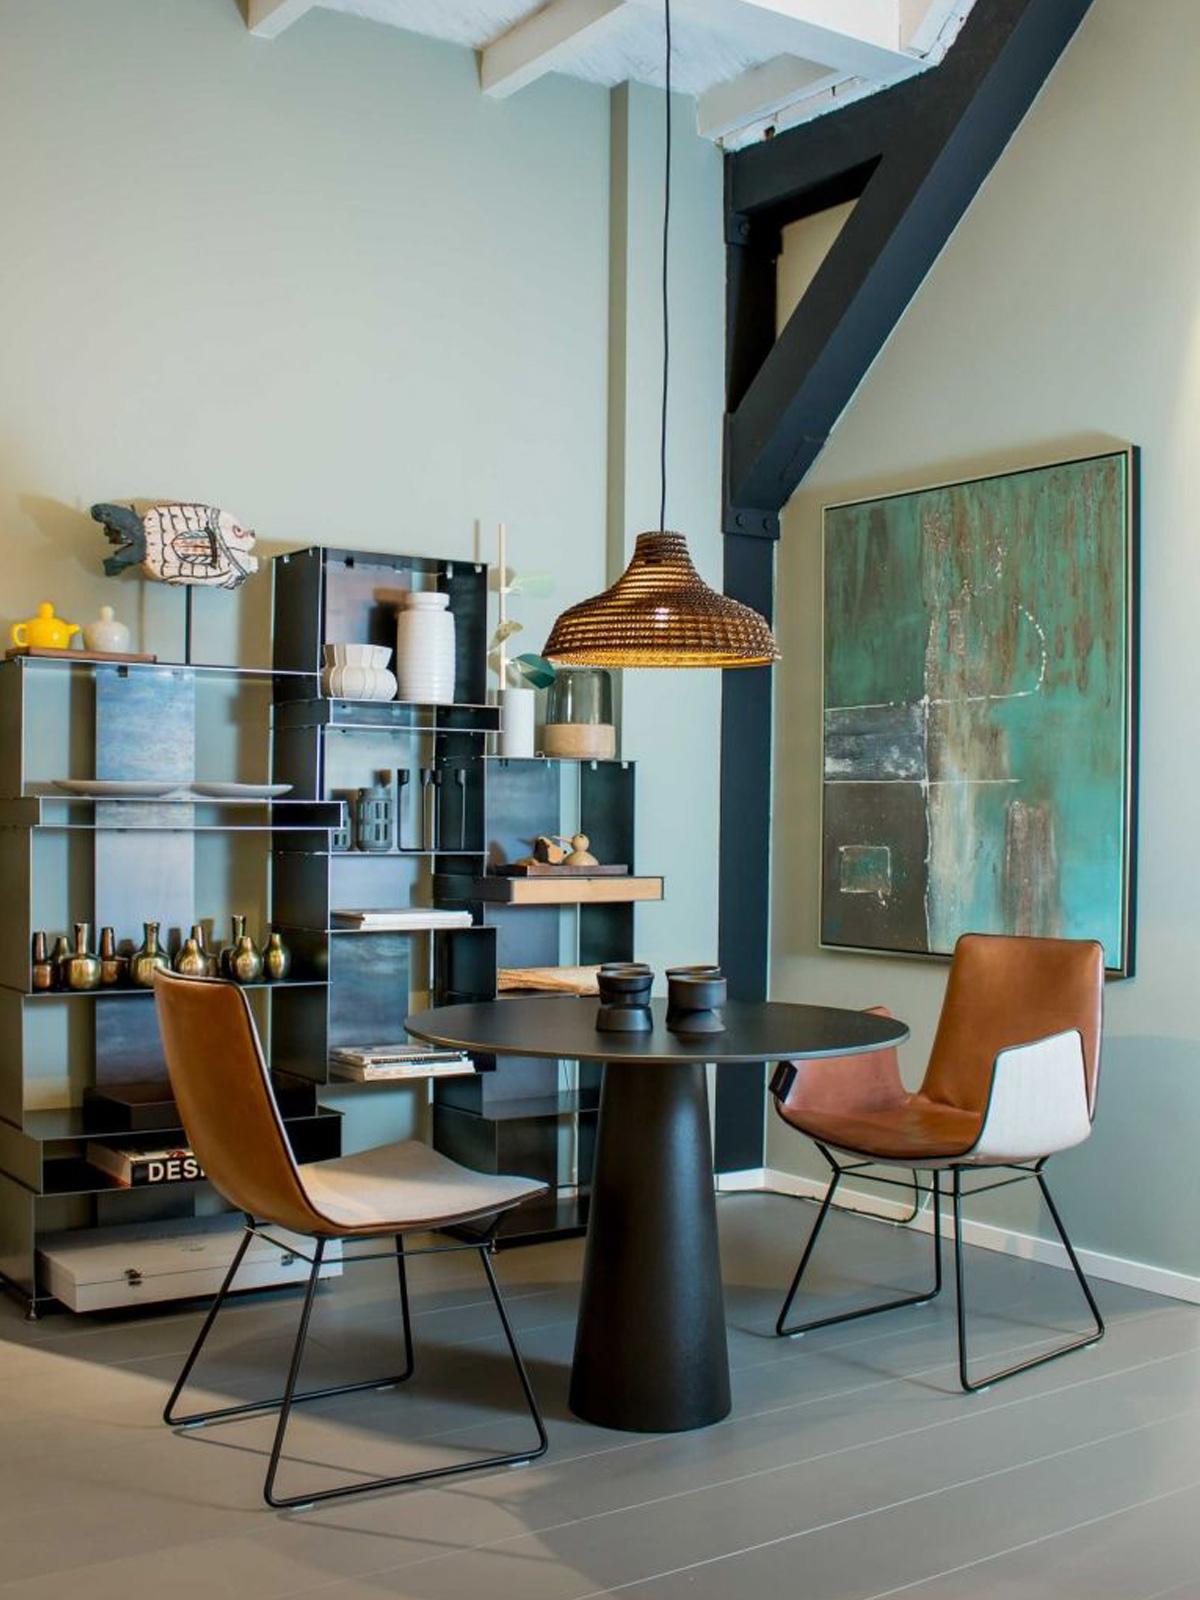 DesignOrt Blog: Moderne Industrieleuchten Work Graypants